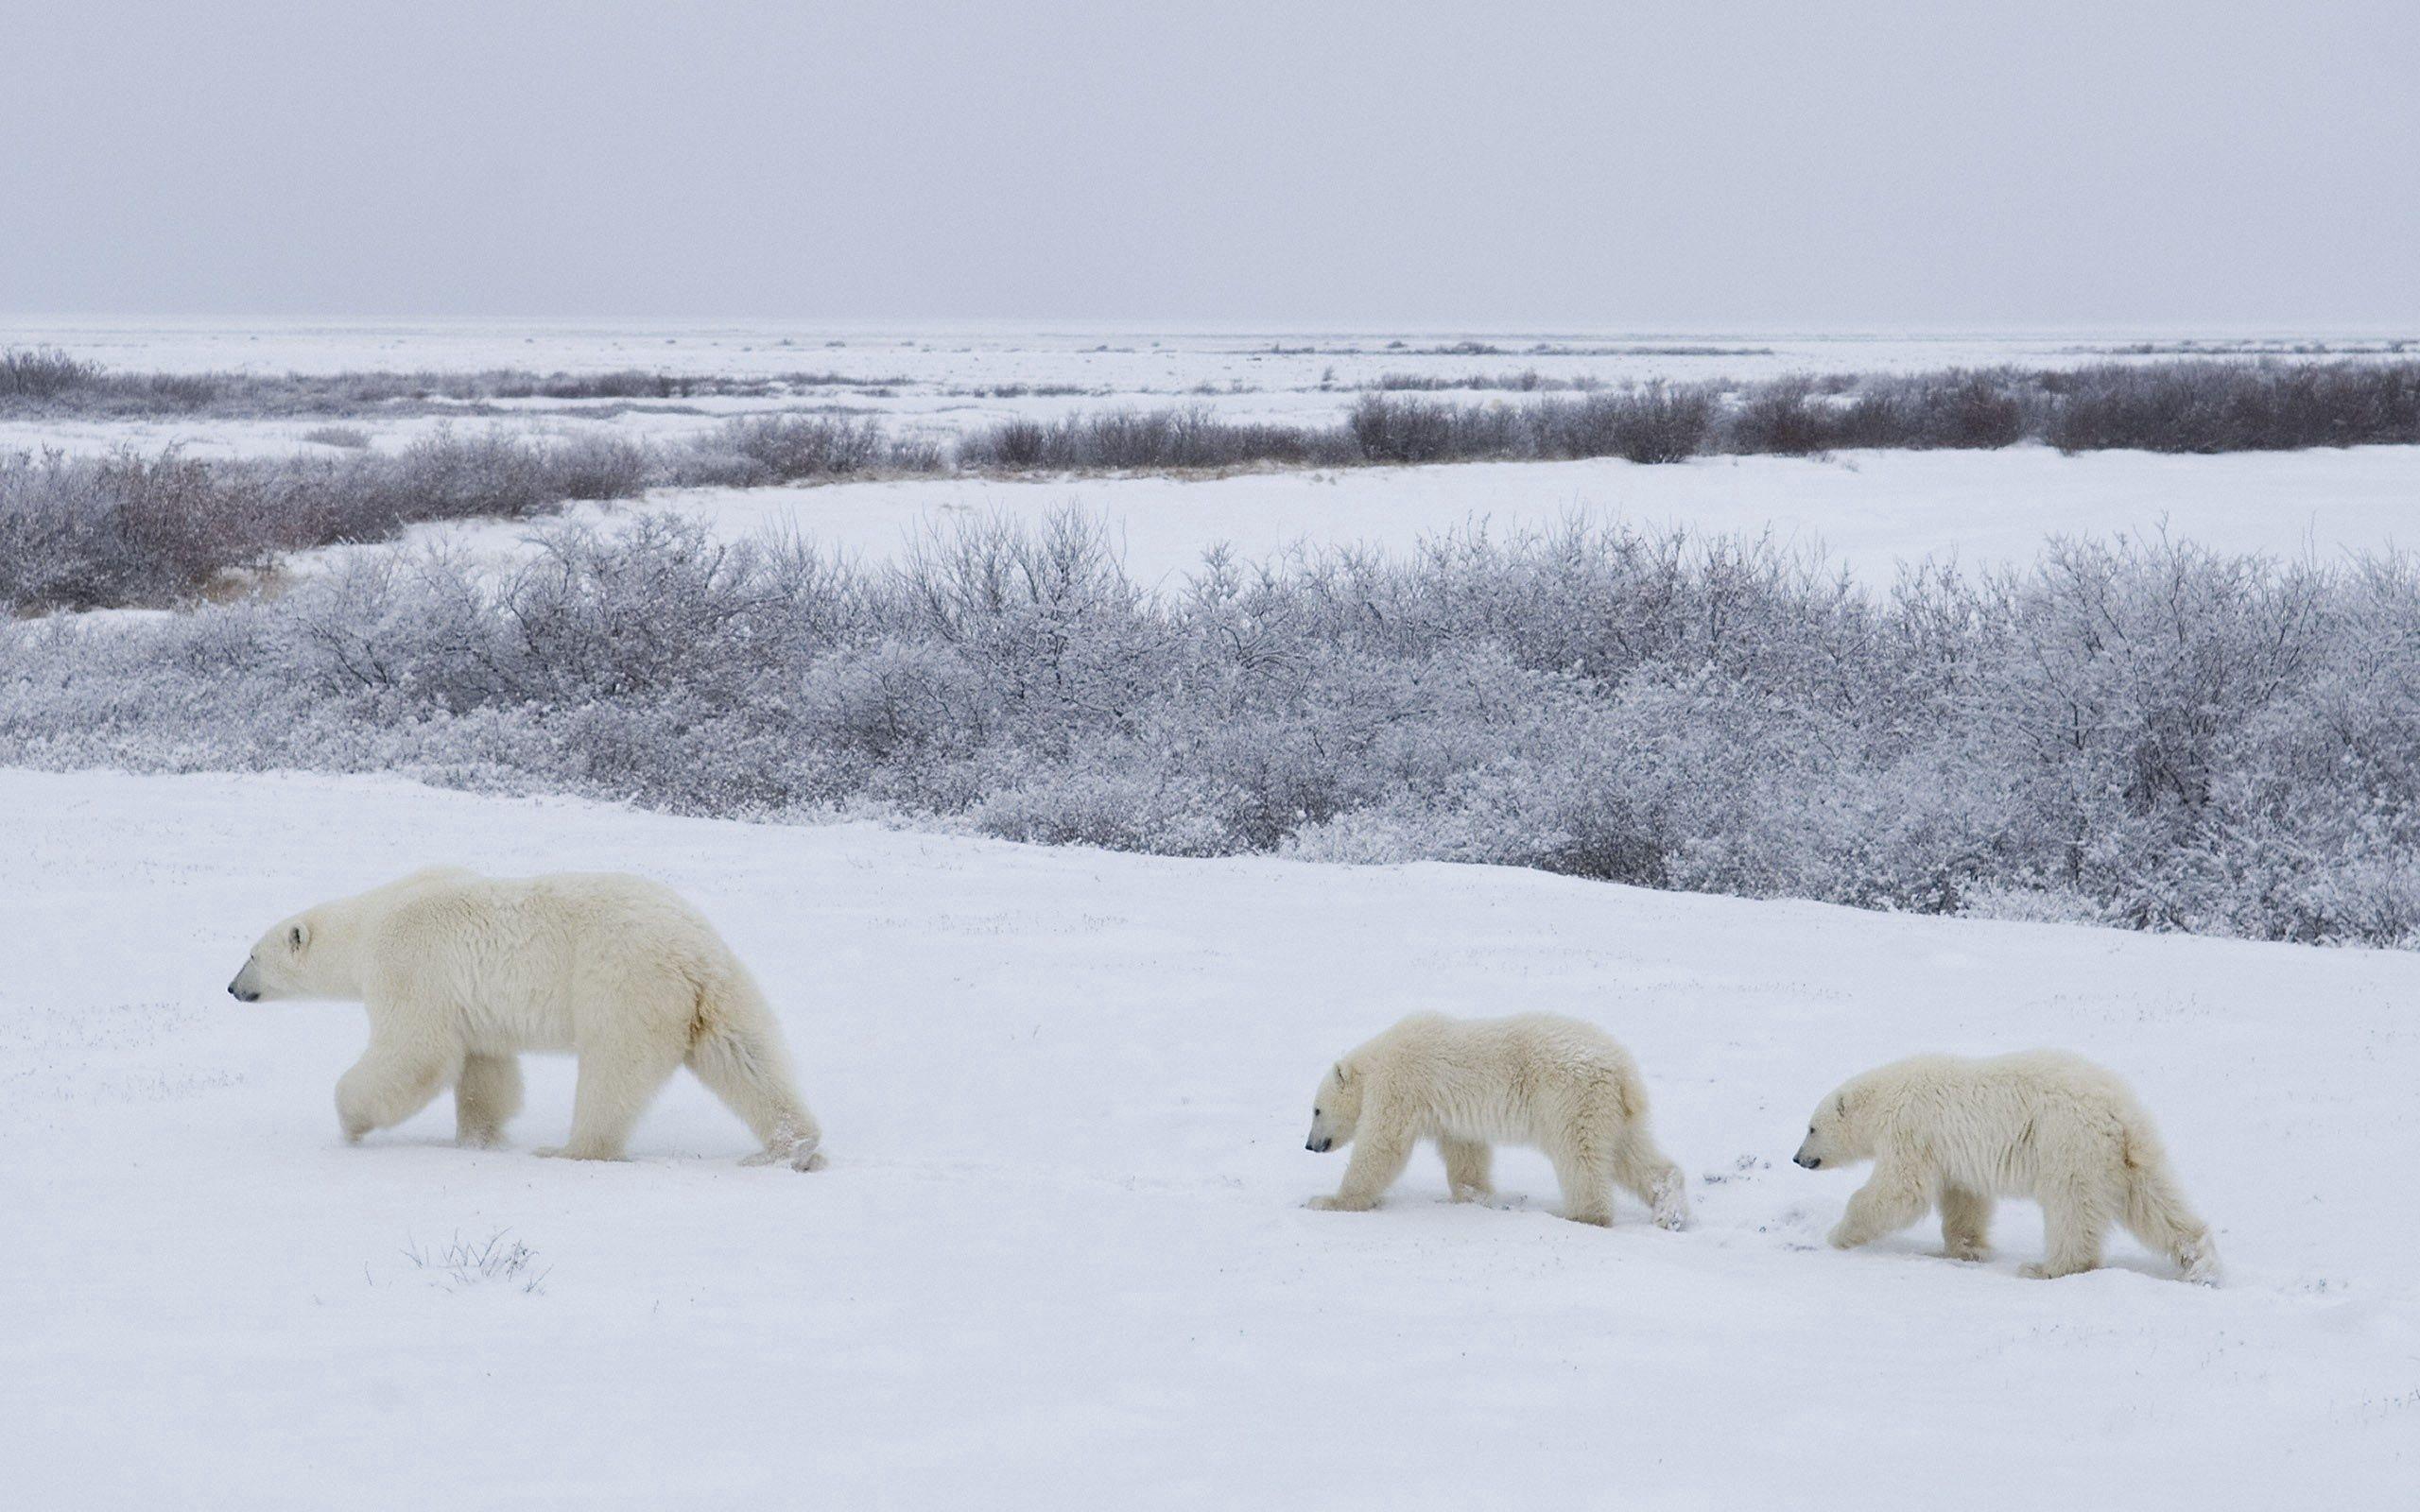 55792 Заставки и Обои Медведи на телефон. Скачать Животные, Снег, Медведи, Прогулка, Семья, Полярные Медведи картинки бесплатно